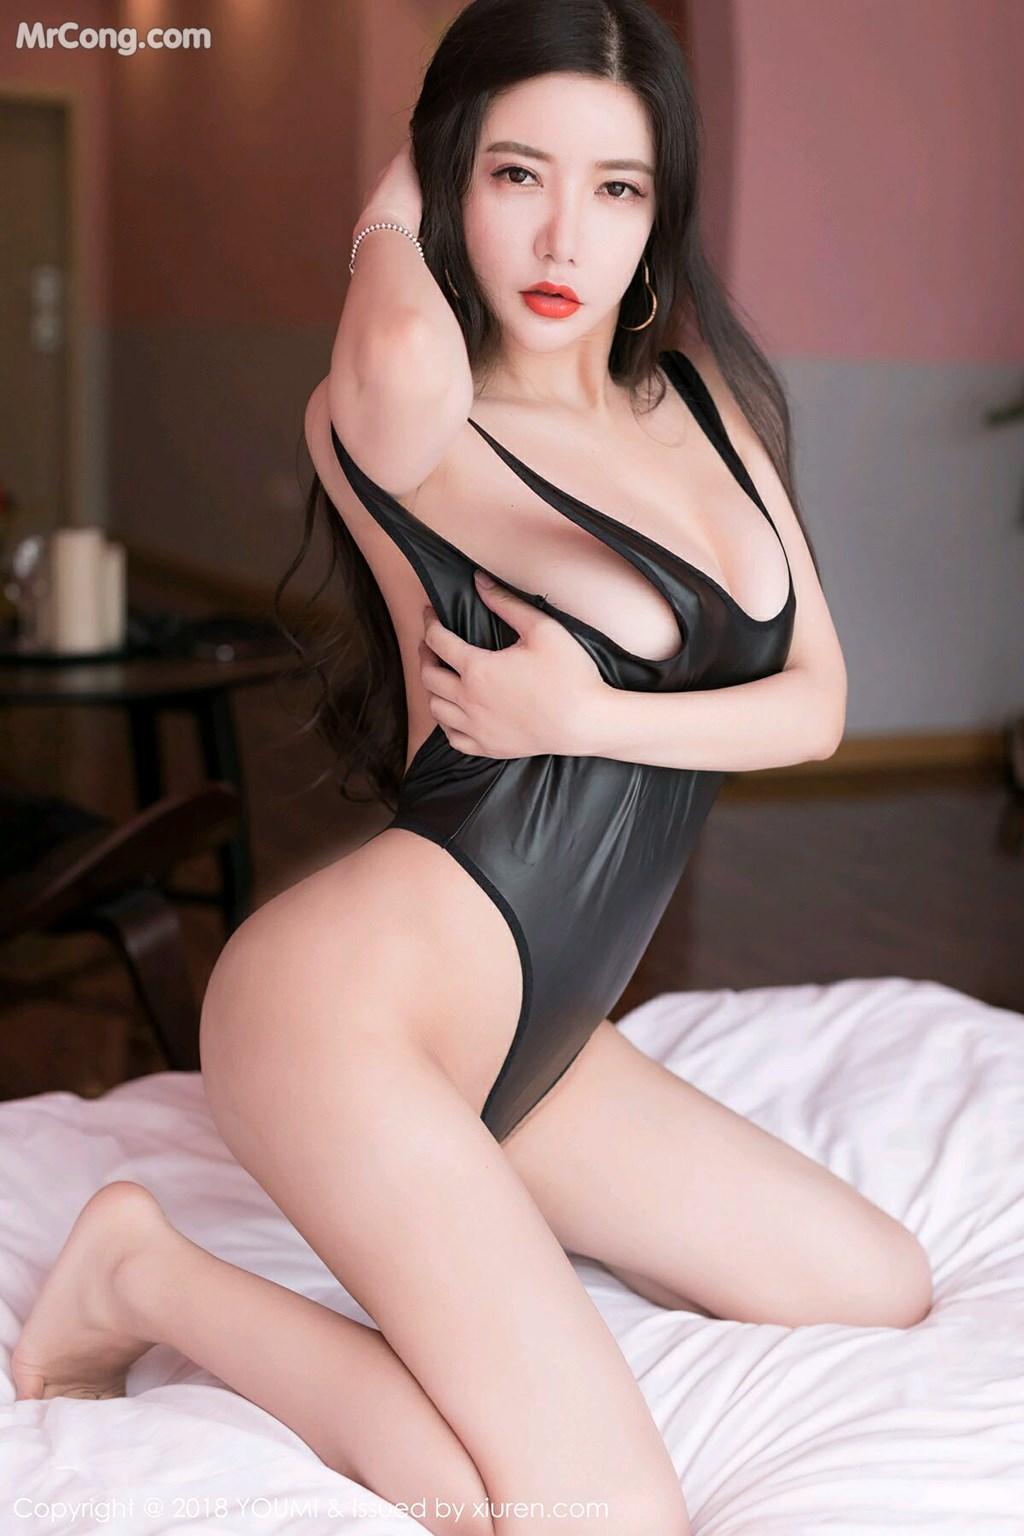 Image YouMi-Vol.231-MrCong.com-003 in post YouMi Vol.231: Người mẫu 心妍小公主 (47 ảnh)